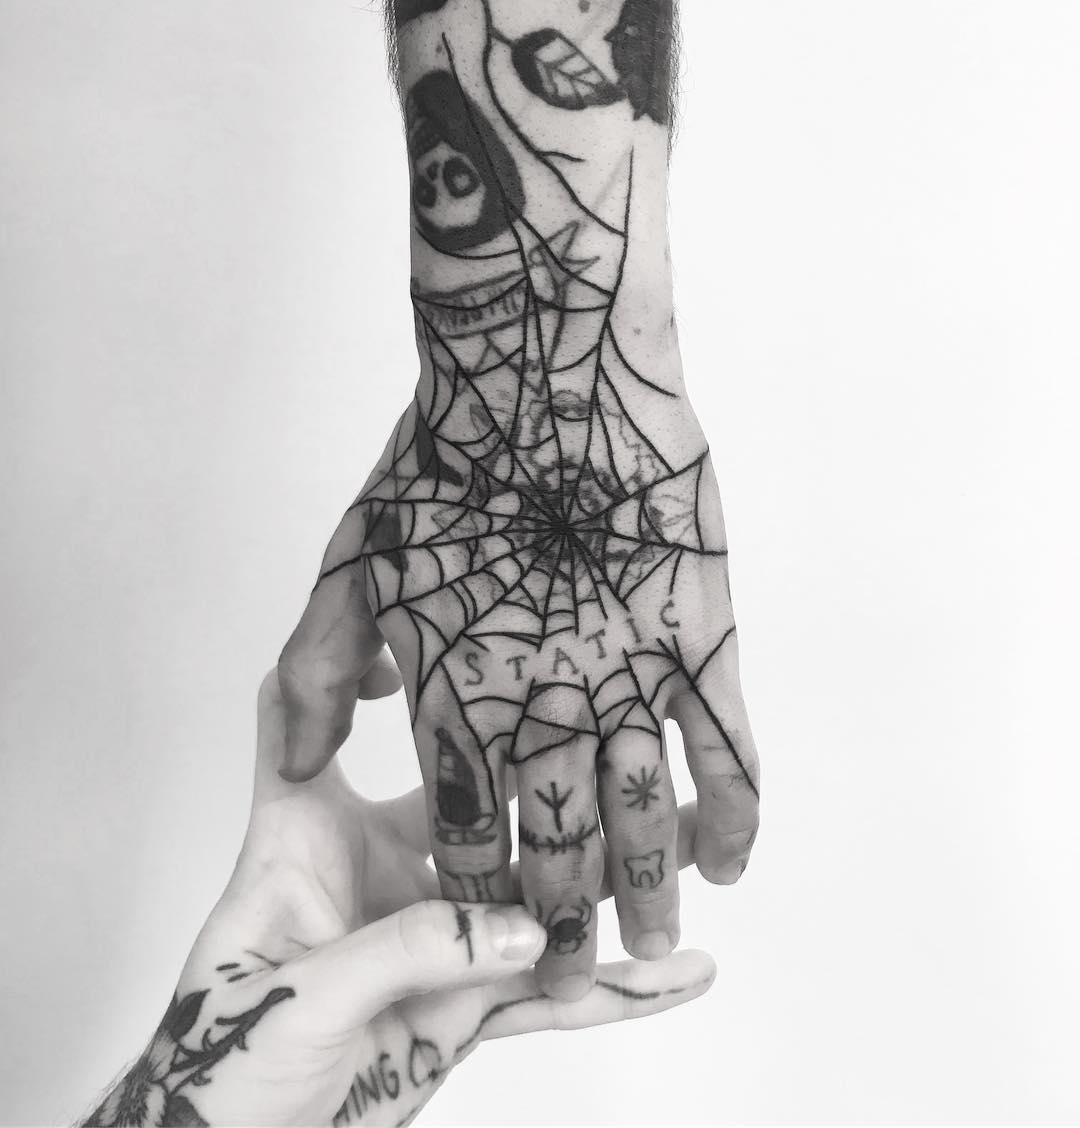 Black spider web hand by tattooist weepandforfeit